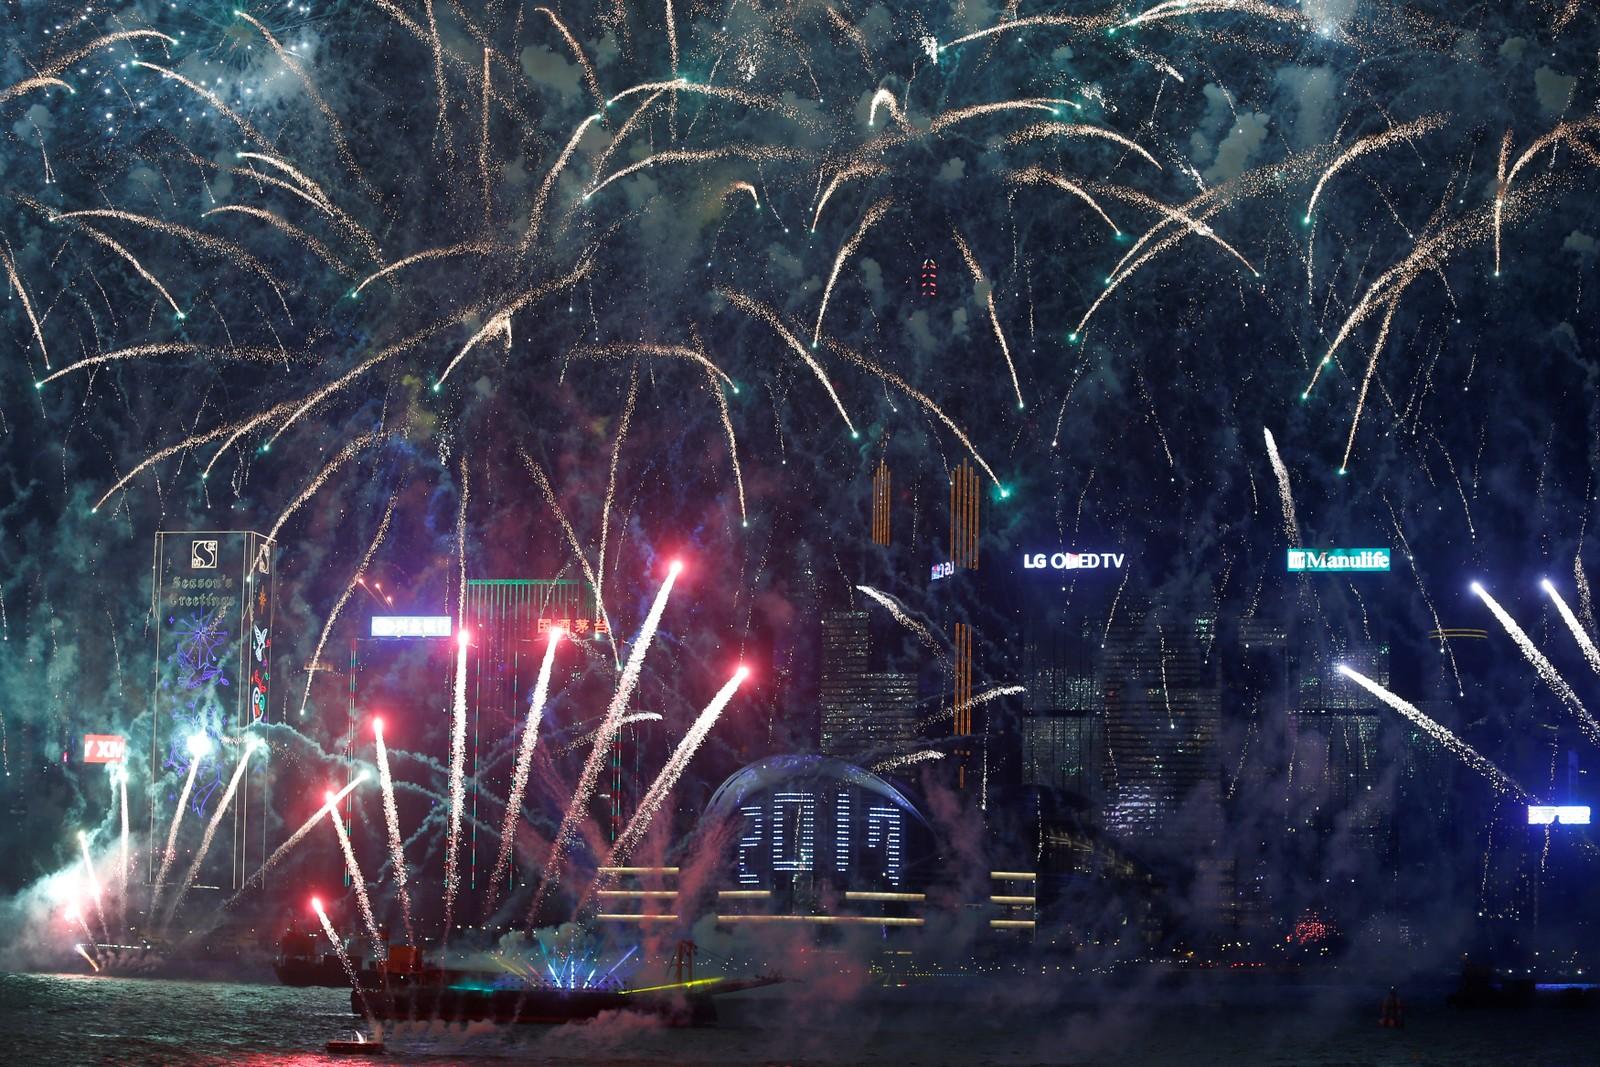 HONGKONG: Intenst fyrverkeri ønsker 2017 velkommen i Hongkong i Kina.